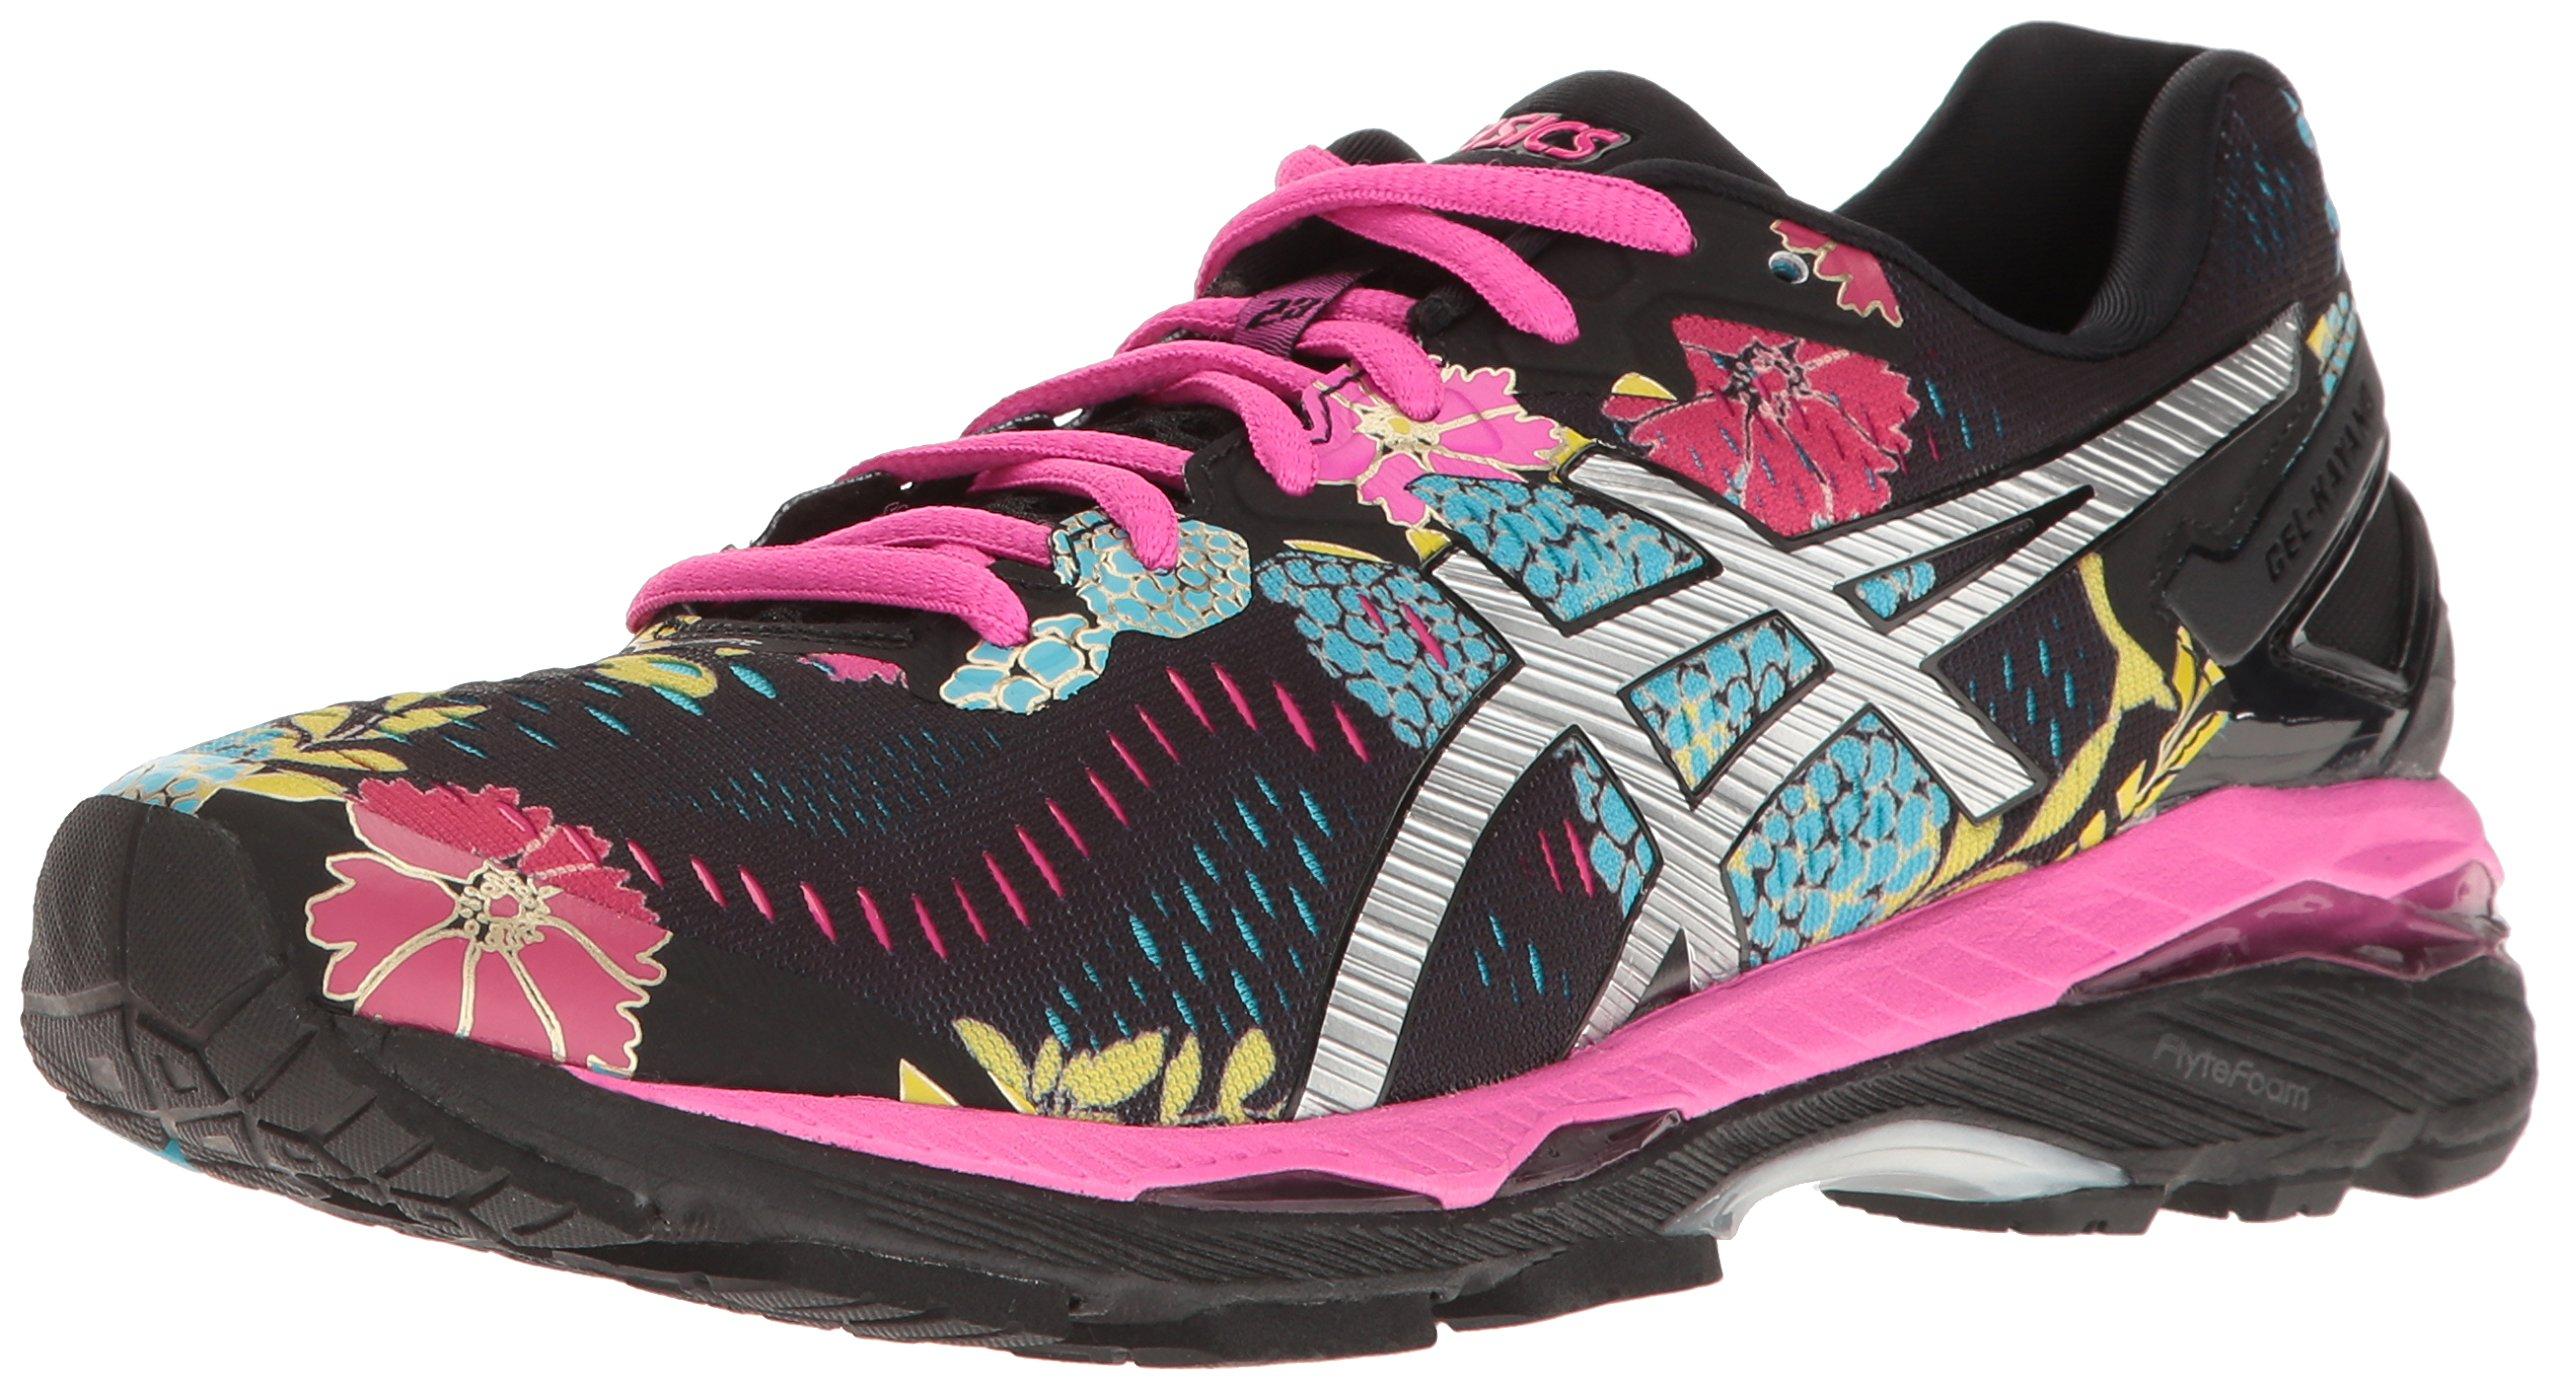 9d03d95857f0 ASICS Women s Gel-Kayano 23 Running Shoe